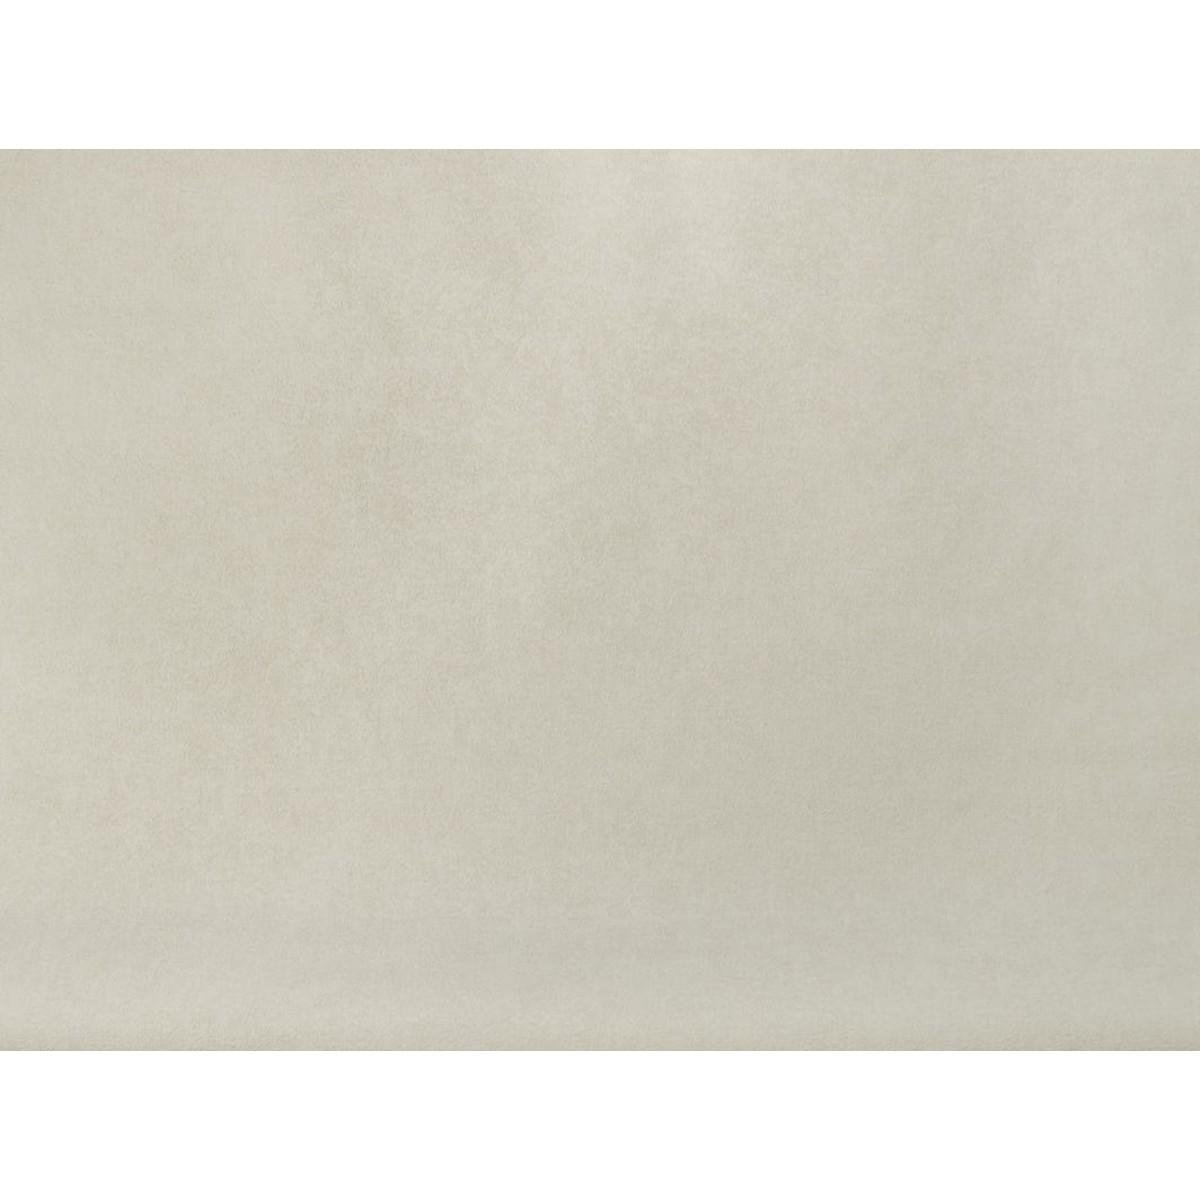 Обои флизелиновые Elysium Полдень фон белые Е87500 1.06 м